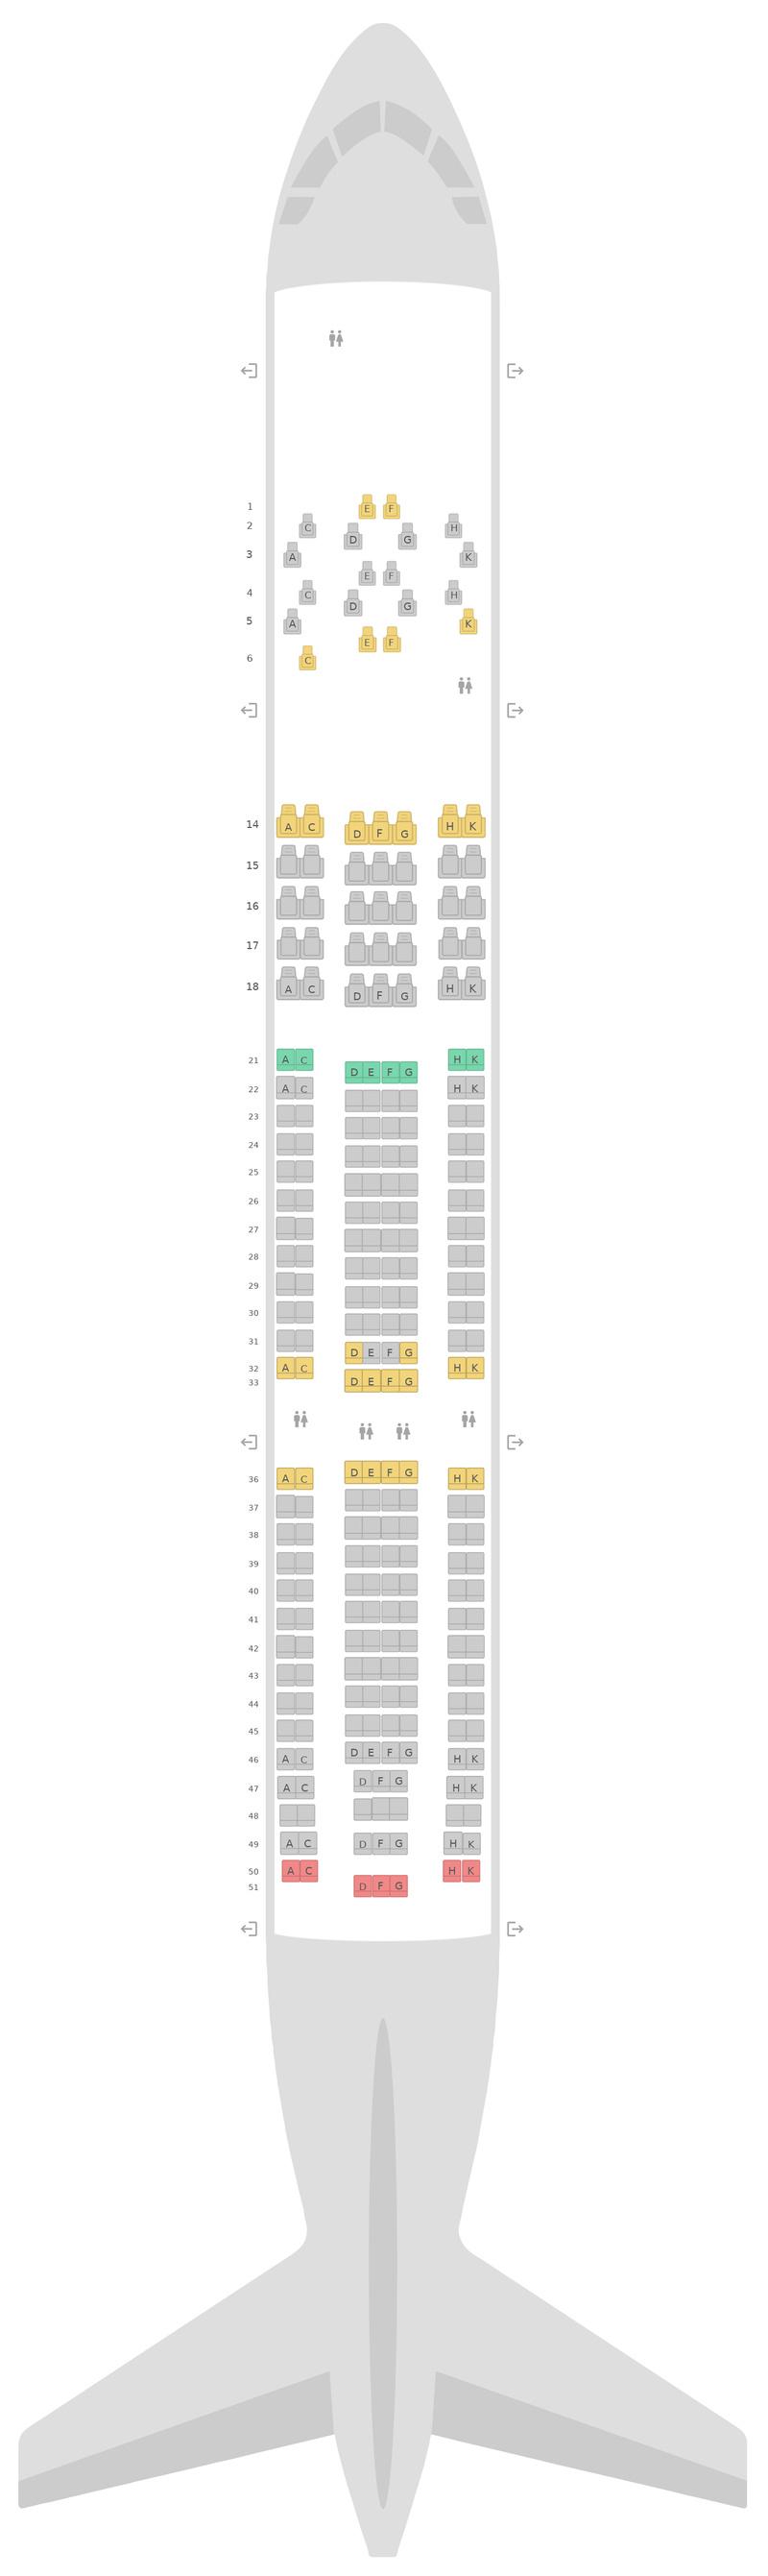 Seat Map Virgin Atlantic Airbus A330-200 (332)